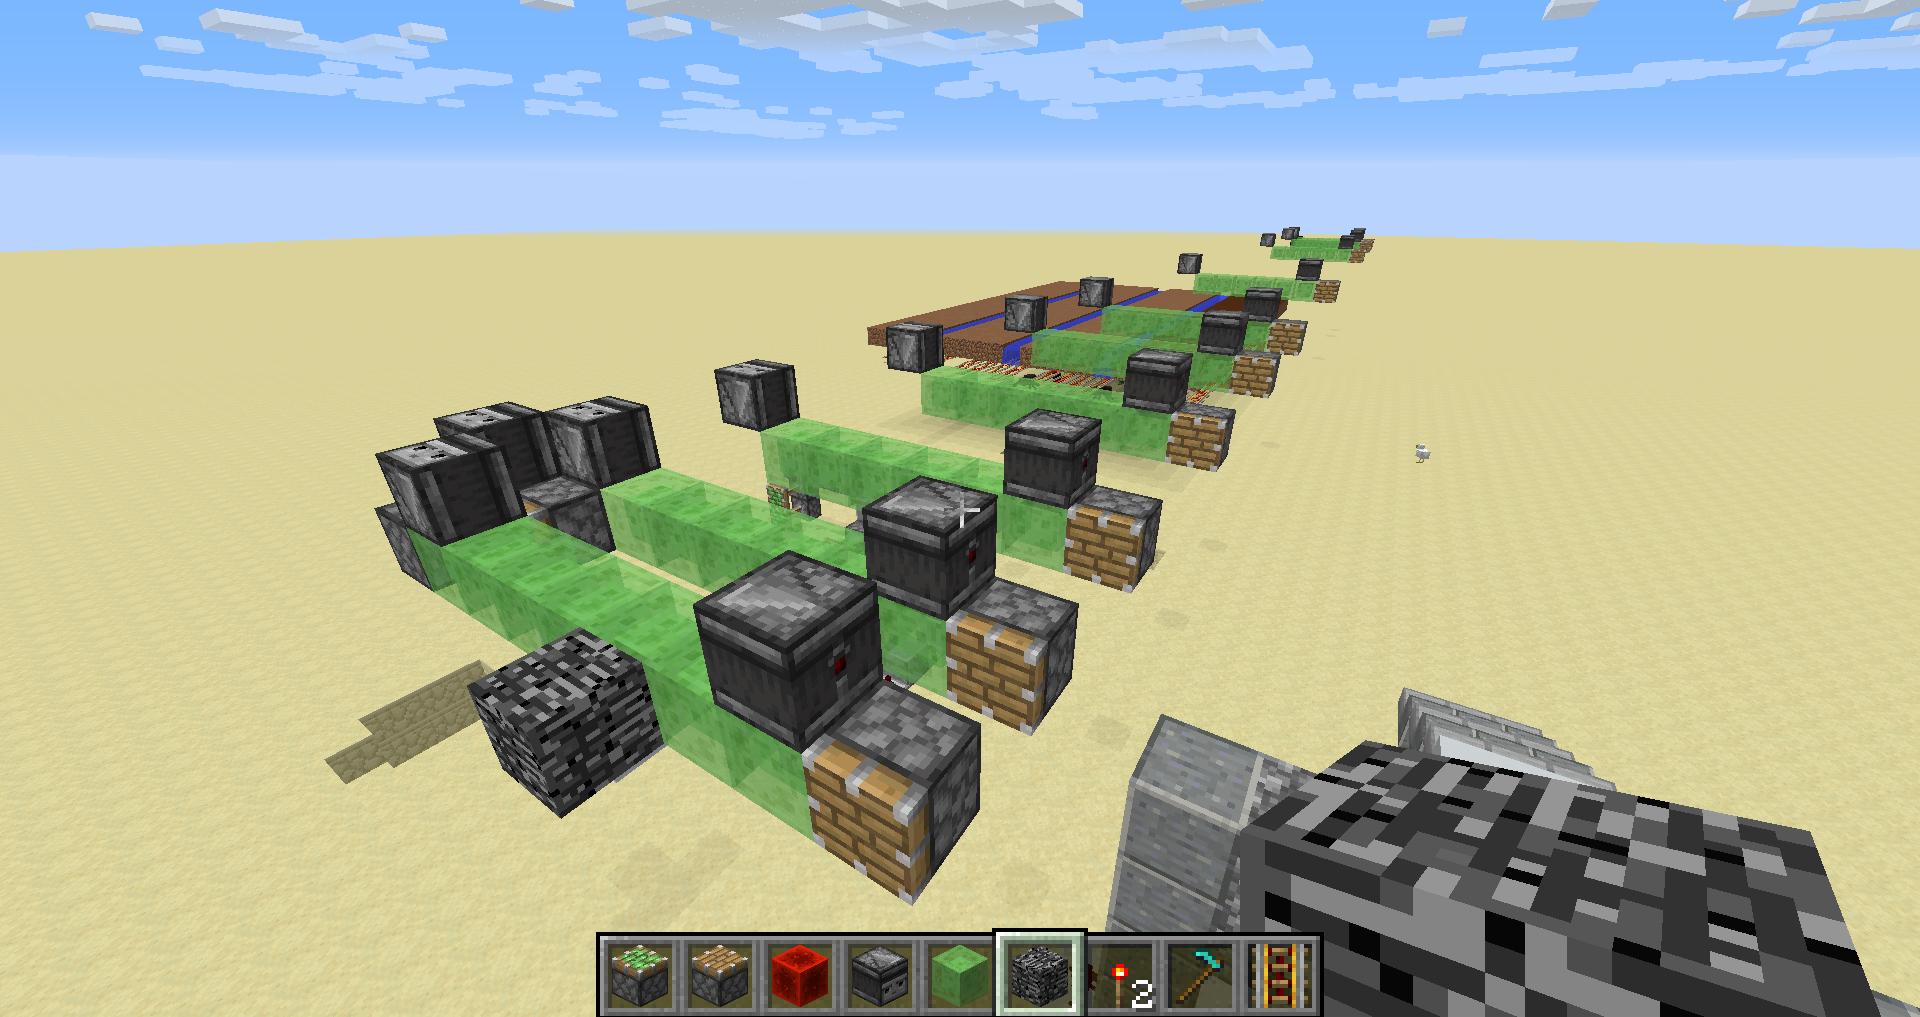 BUG] [1 12 2] Vanilla flying machines duplicating blocks    sorta